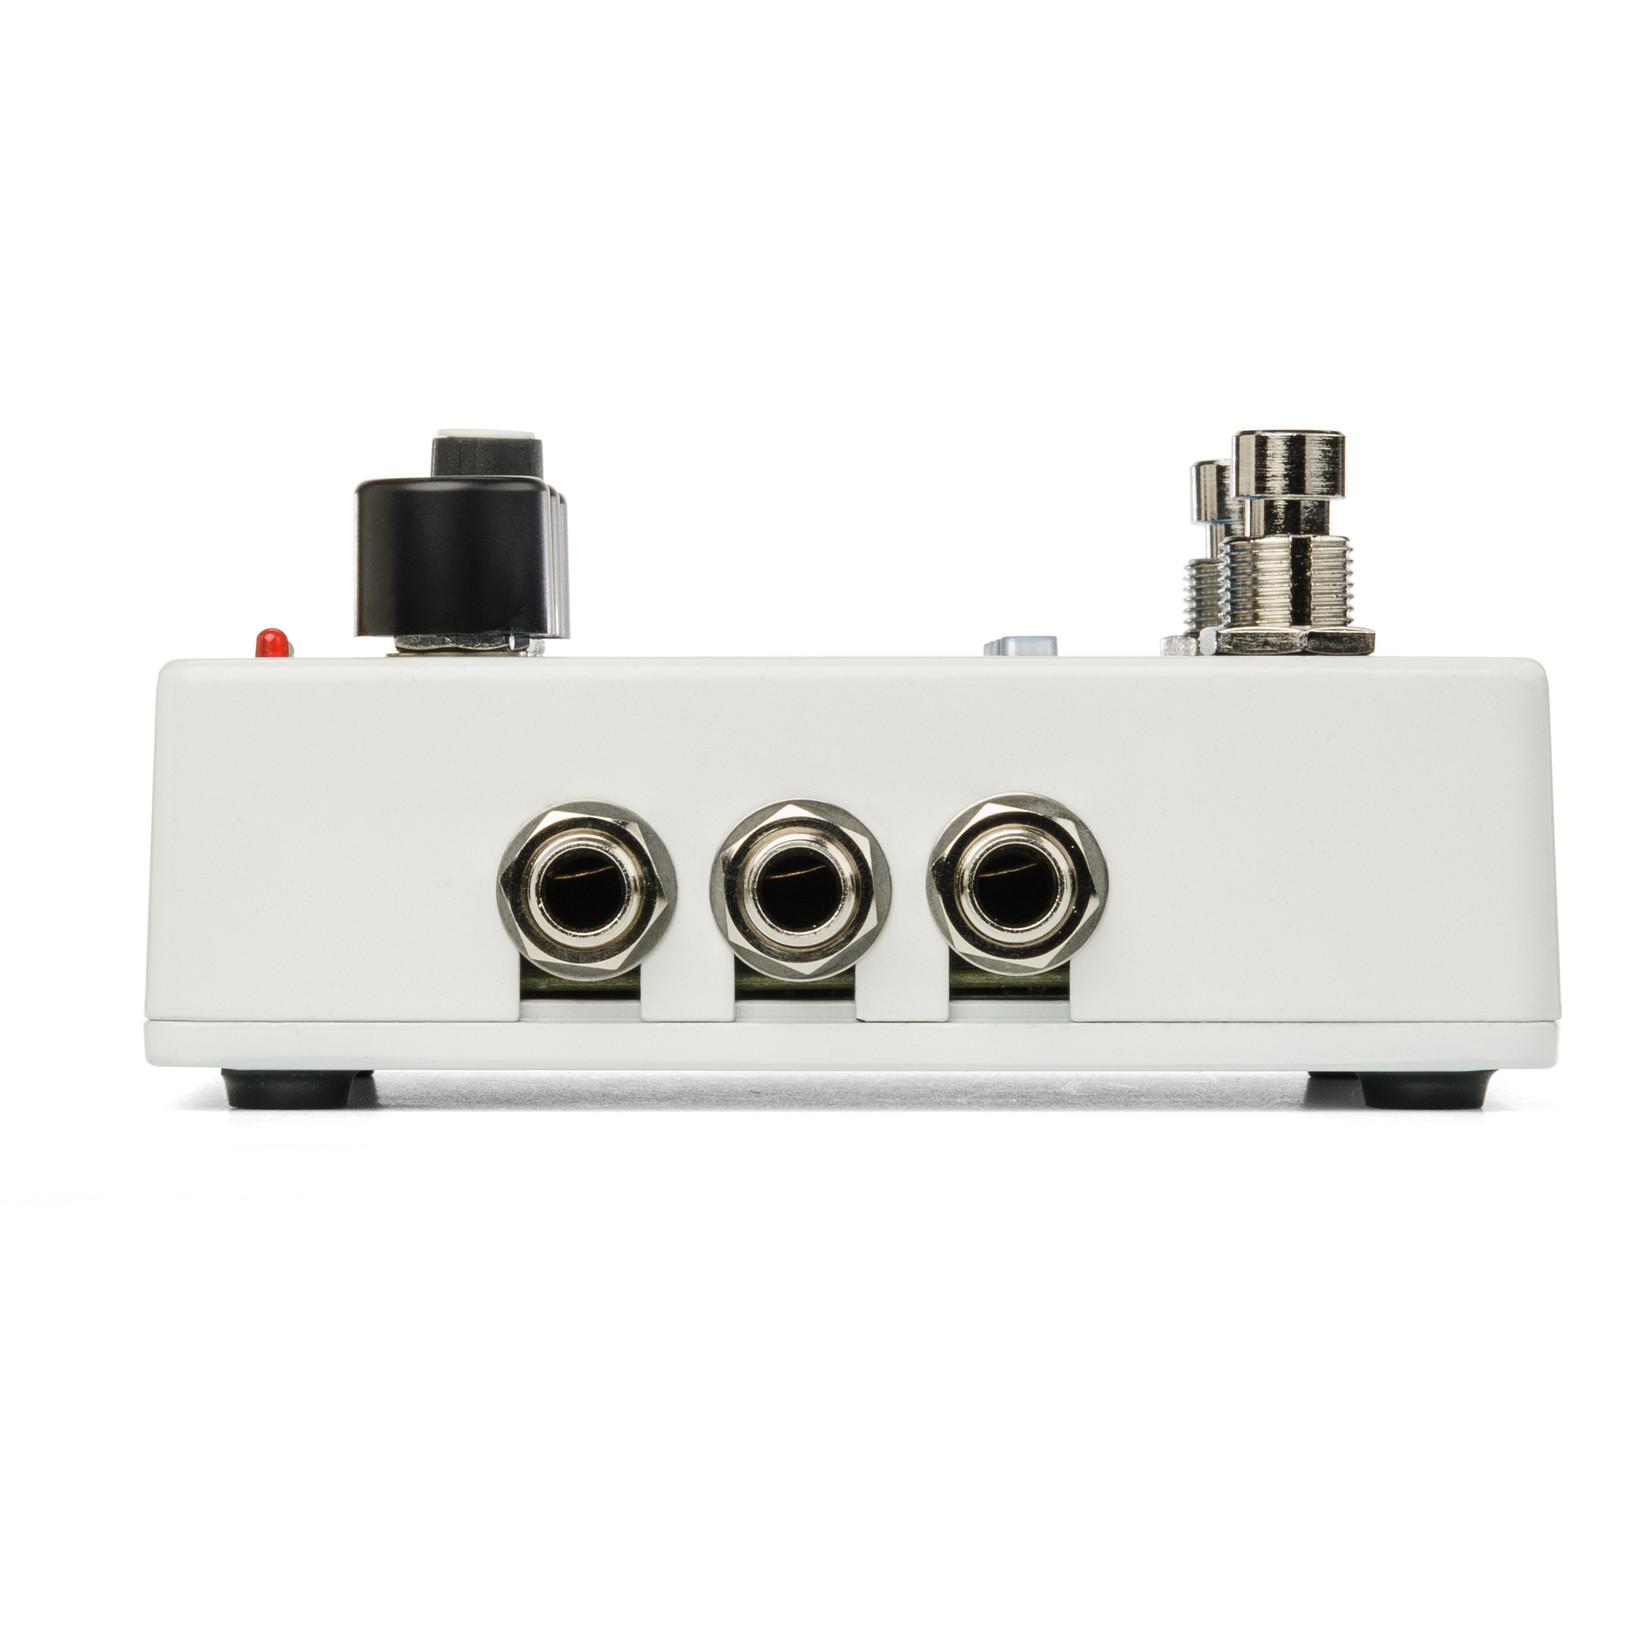 Electro-Harmonix Electro-Harmonix  1440 Stereo Looper